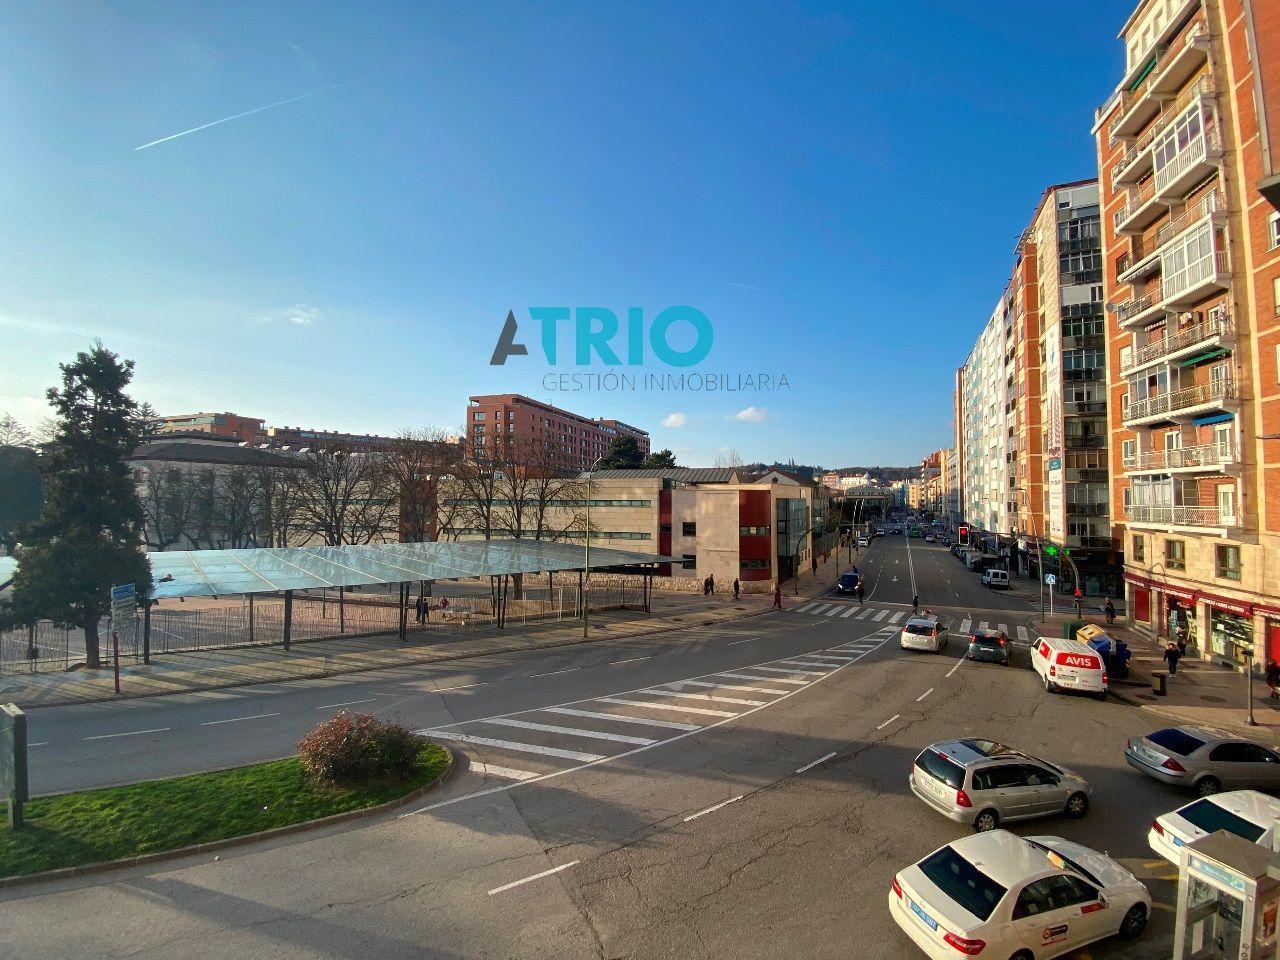 dia.mobiliagestion.es/Portals/inmoatrio/Images/6446/4138087